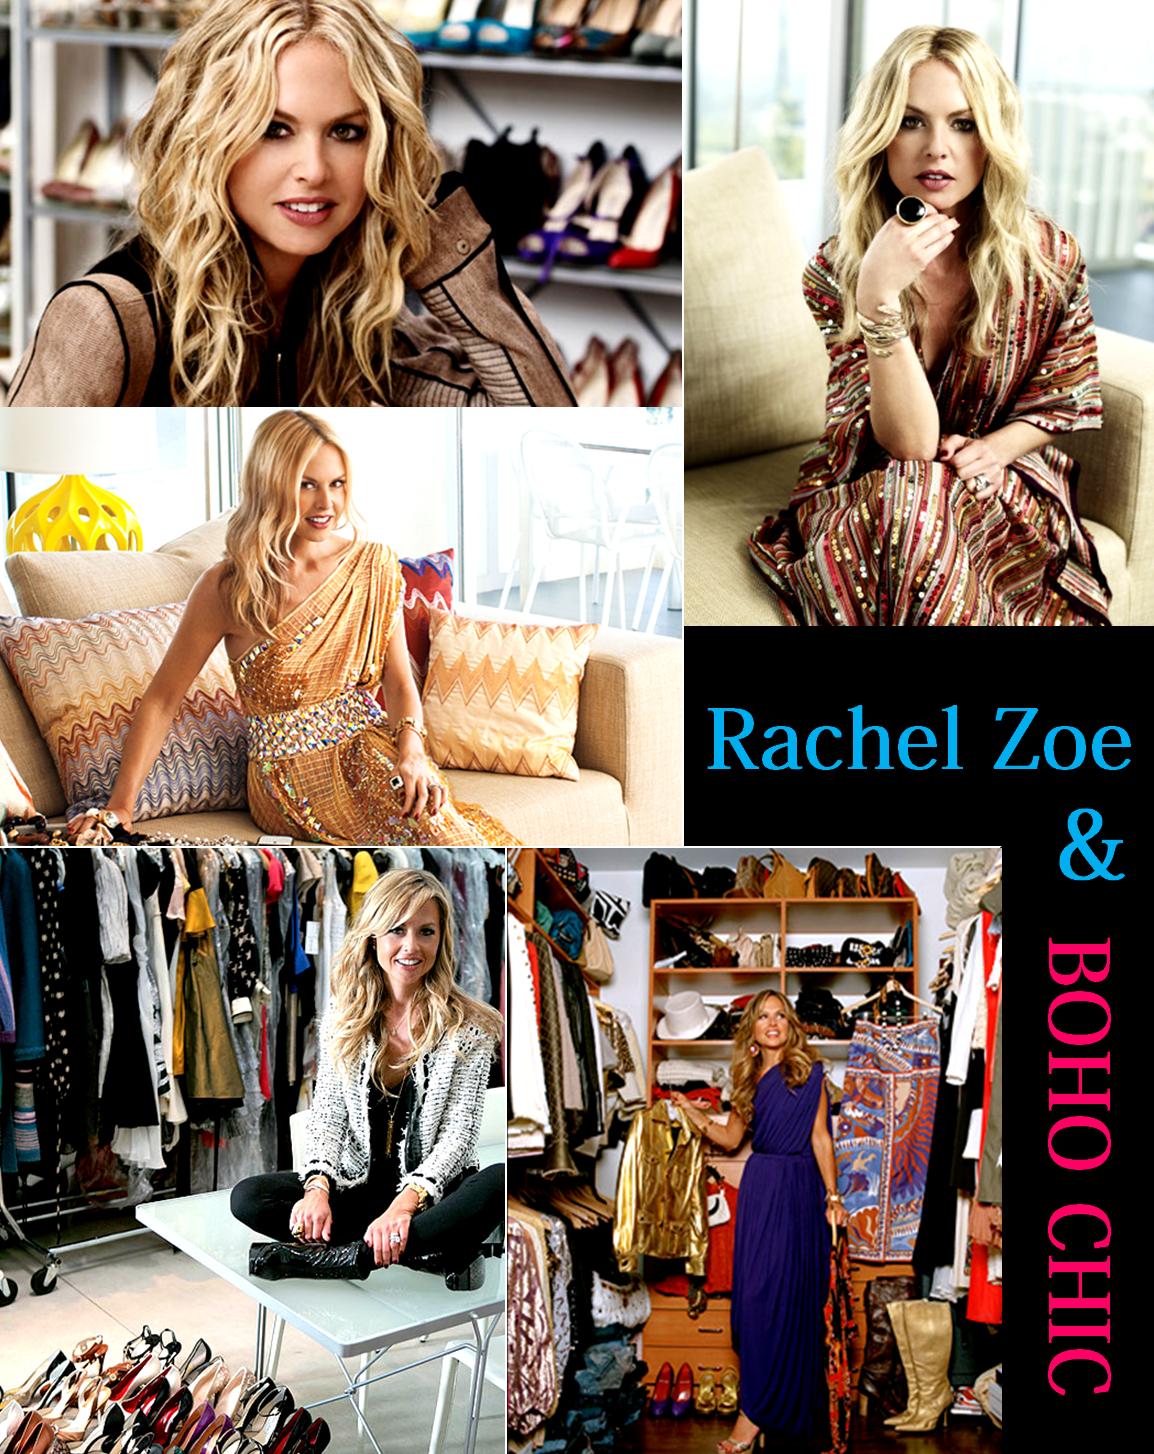 http://4.bp.blogspot.com/-16Ka8Lf-UsU/UGbn3xUHbYI/AAAAAAAAAKU/nCCqgSBTVTU/s1600/Rachel+Zoe+e+Boho+Chic.png